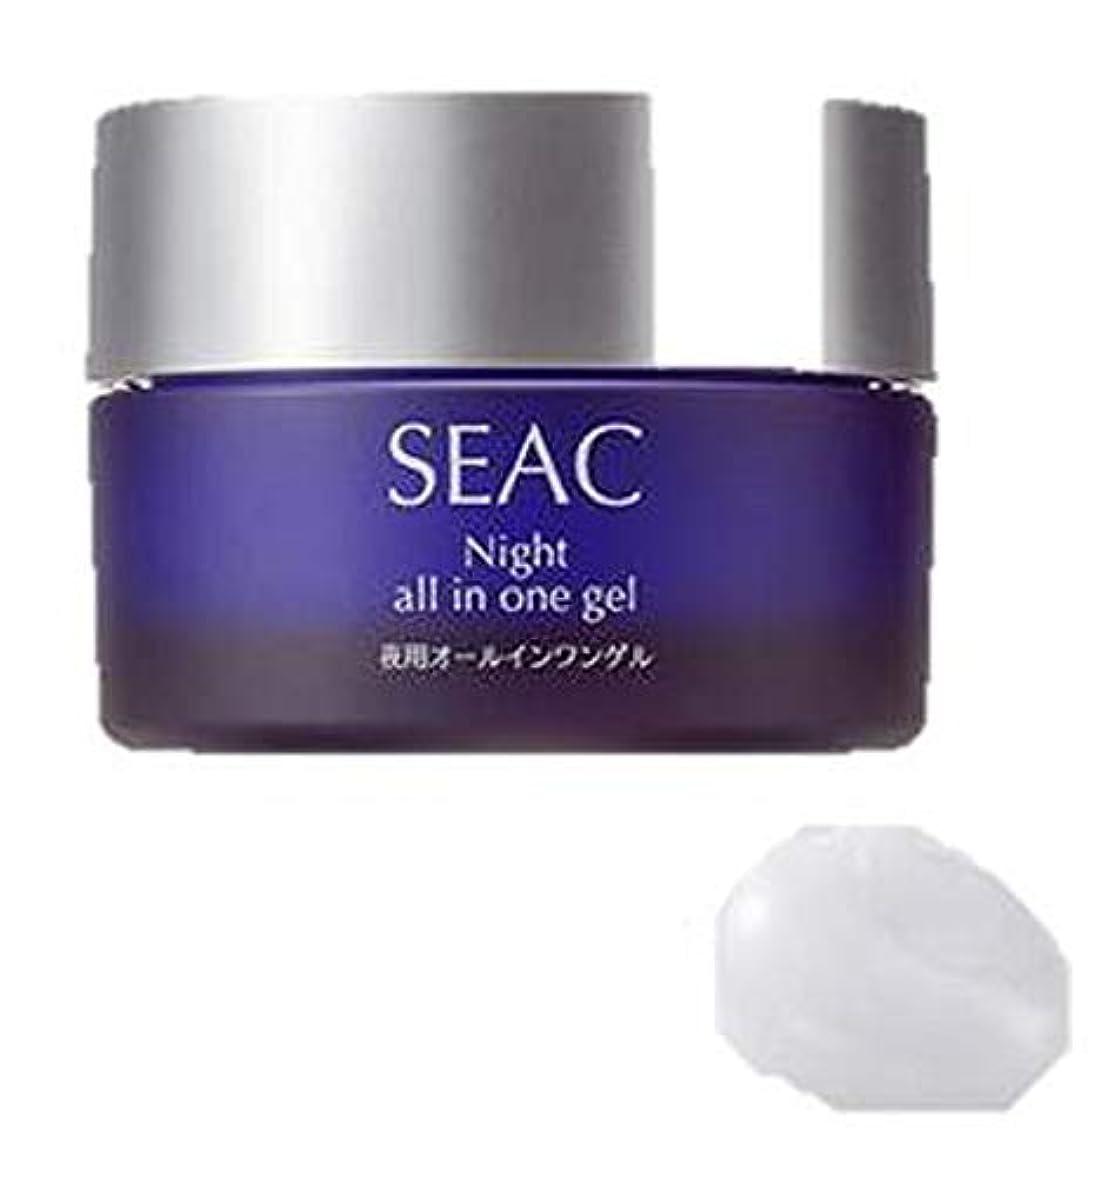 注目すべきアクティブ細胞SEAC シーク 夜用 オールインワンゲル S <夜用保湿ゲルクリーム> 25g